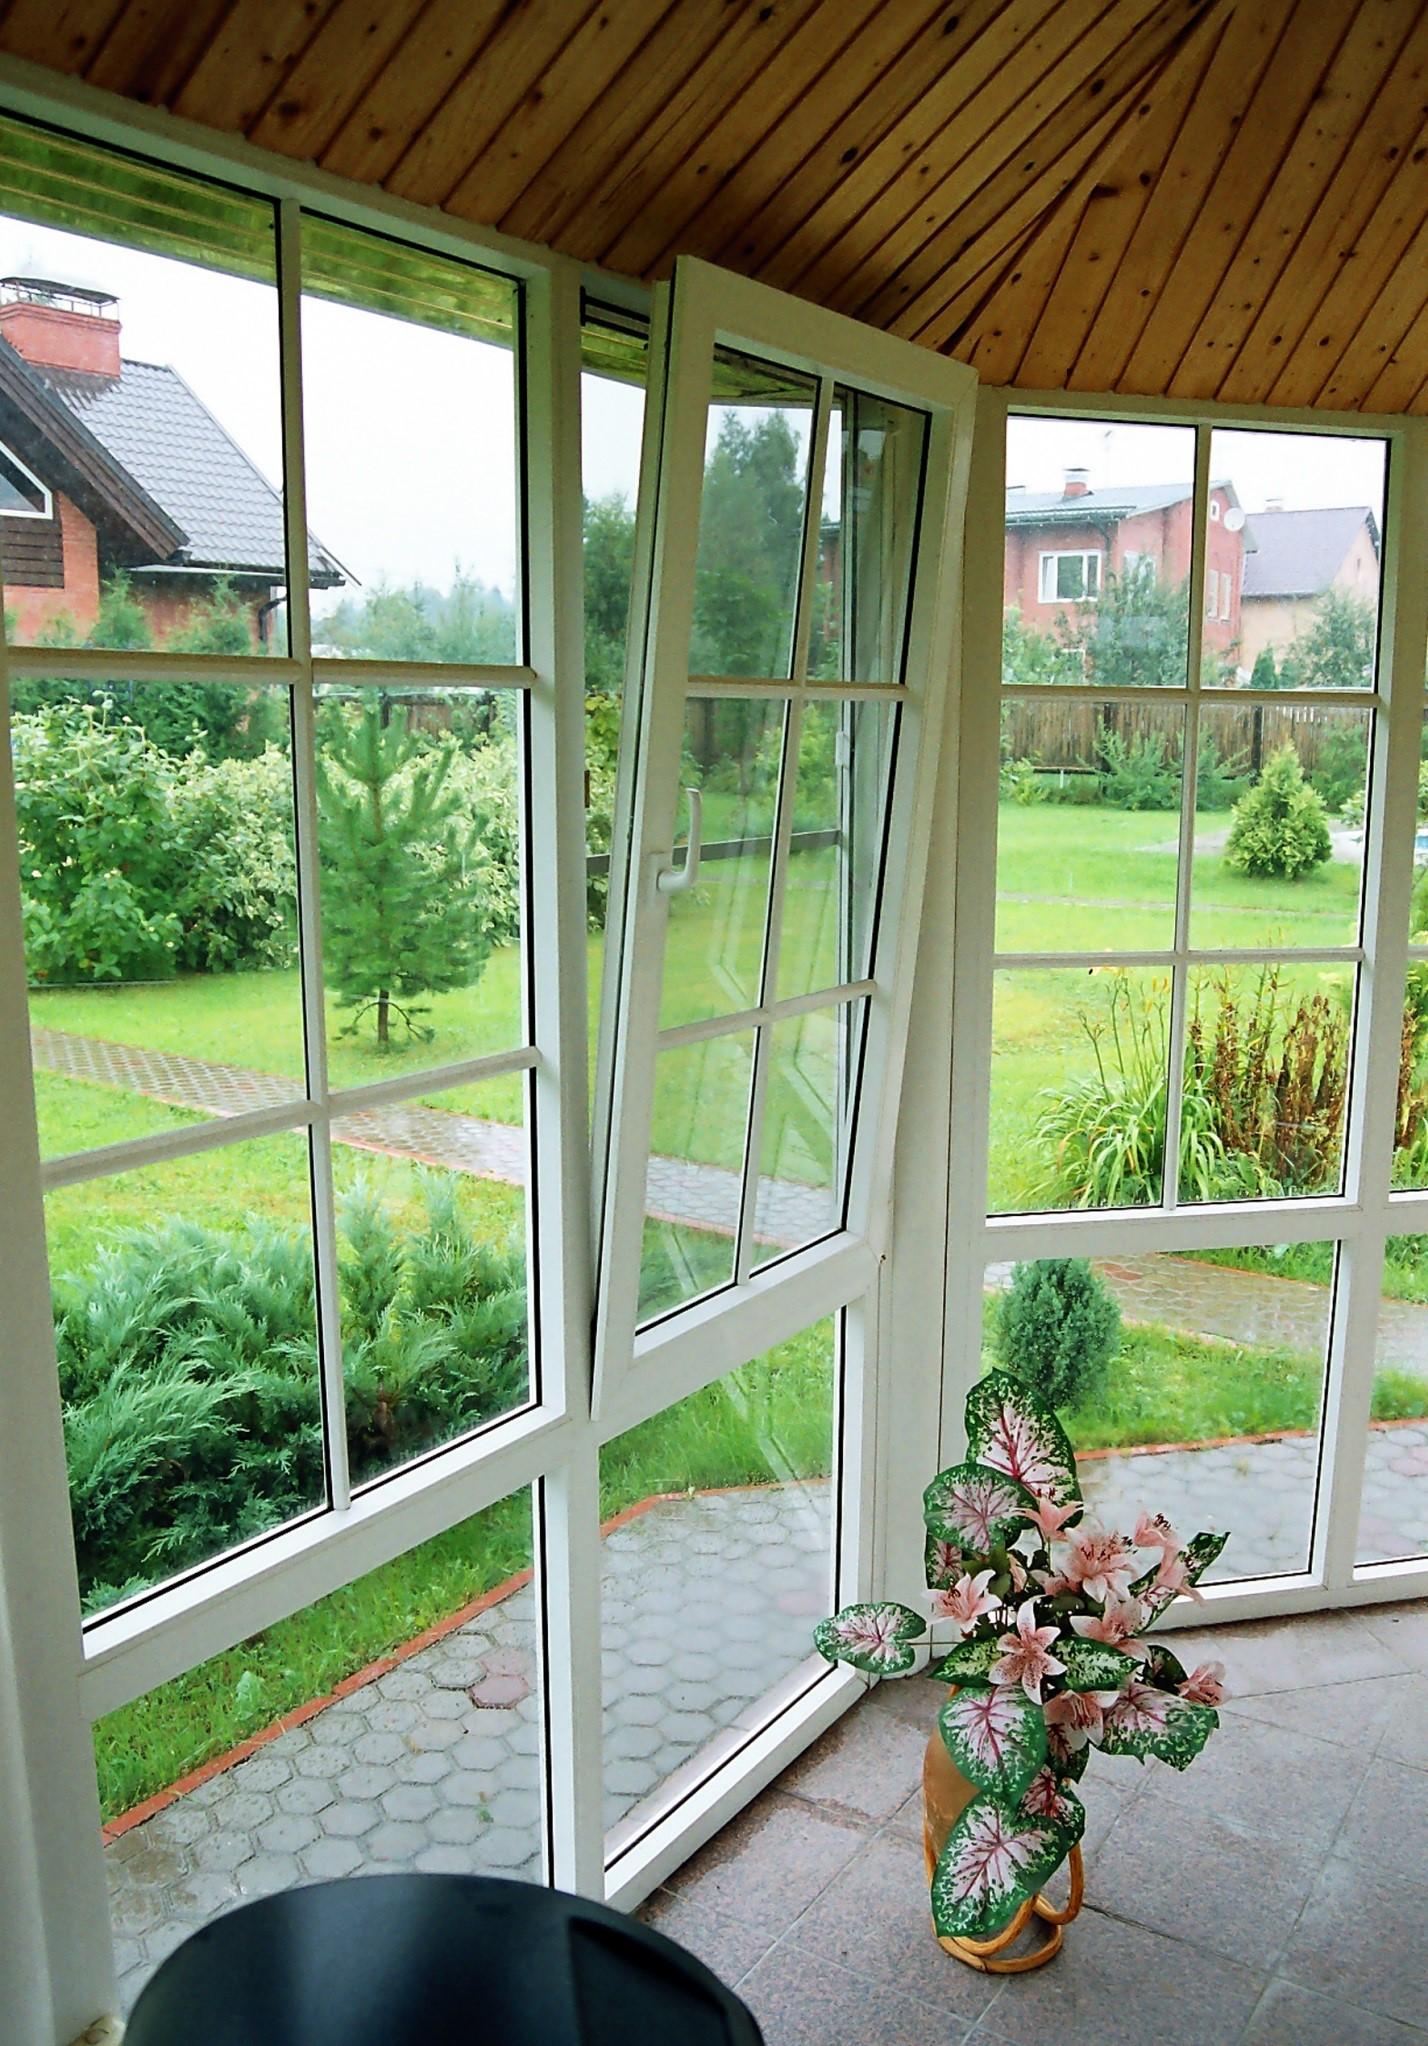 Поставка и монтаж пластиковых окон, дверей, балкон - 5000 ру.